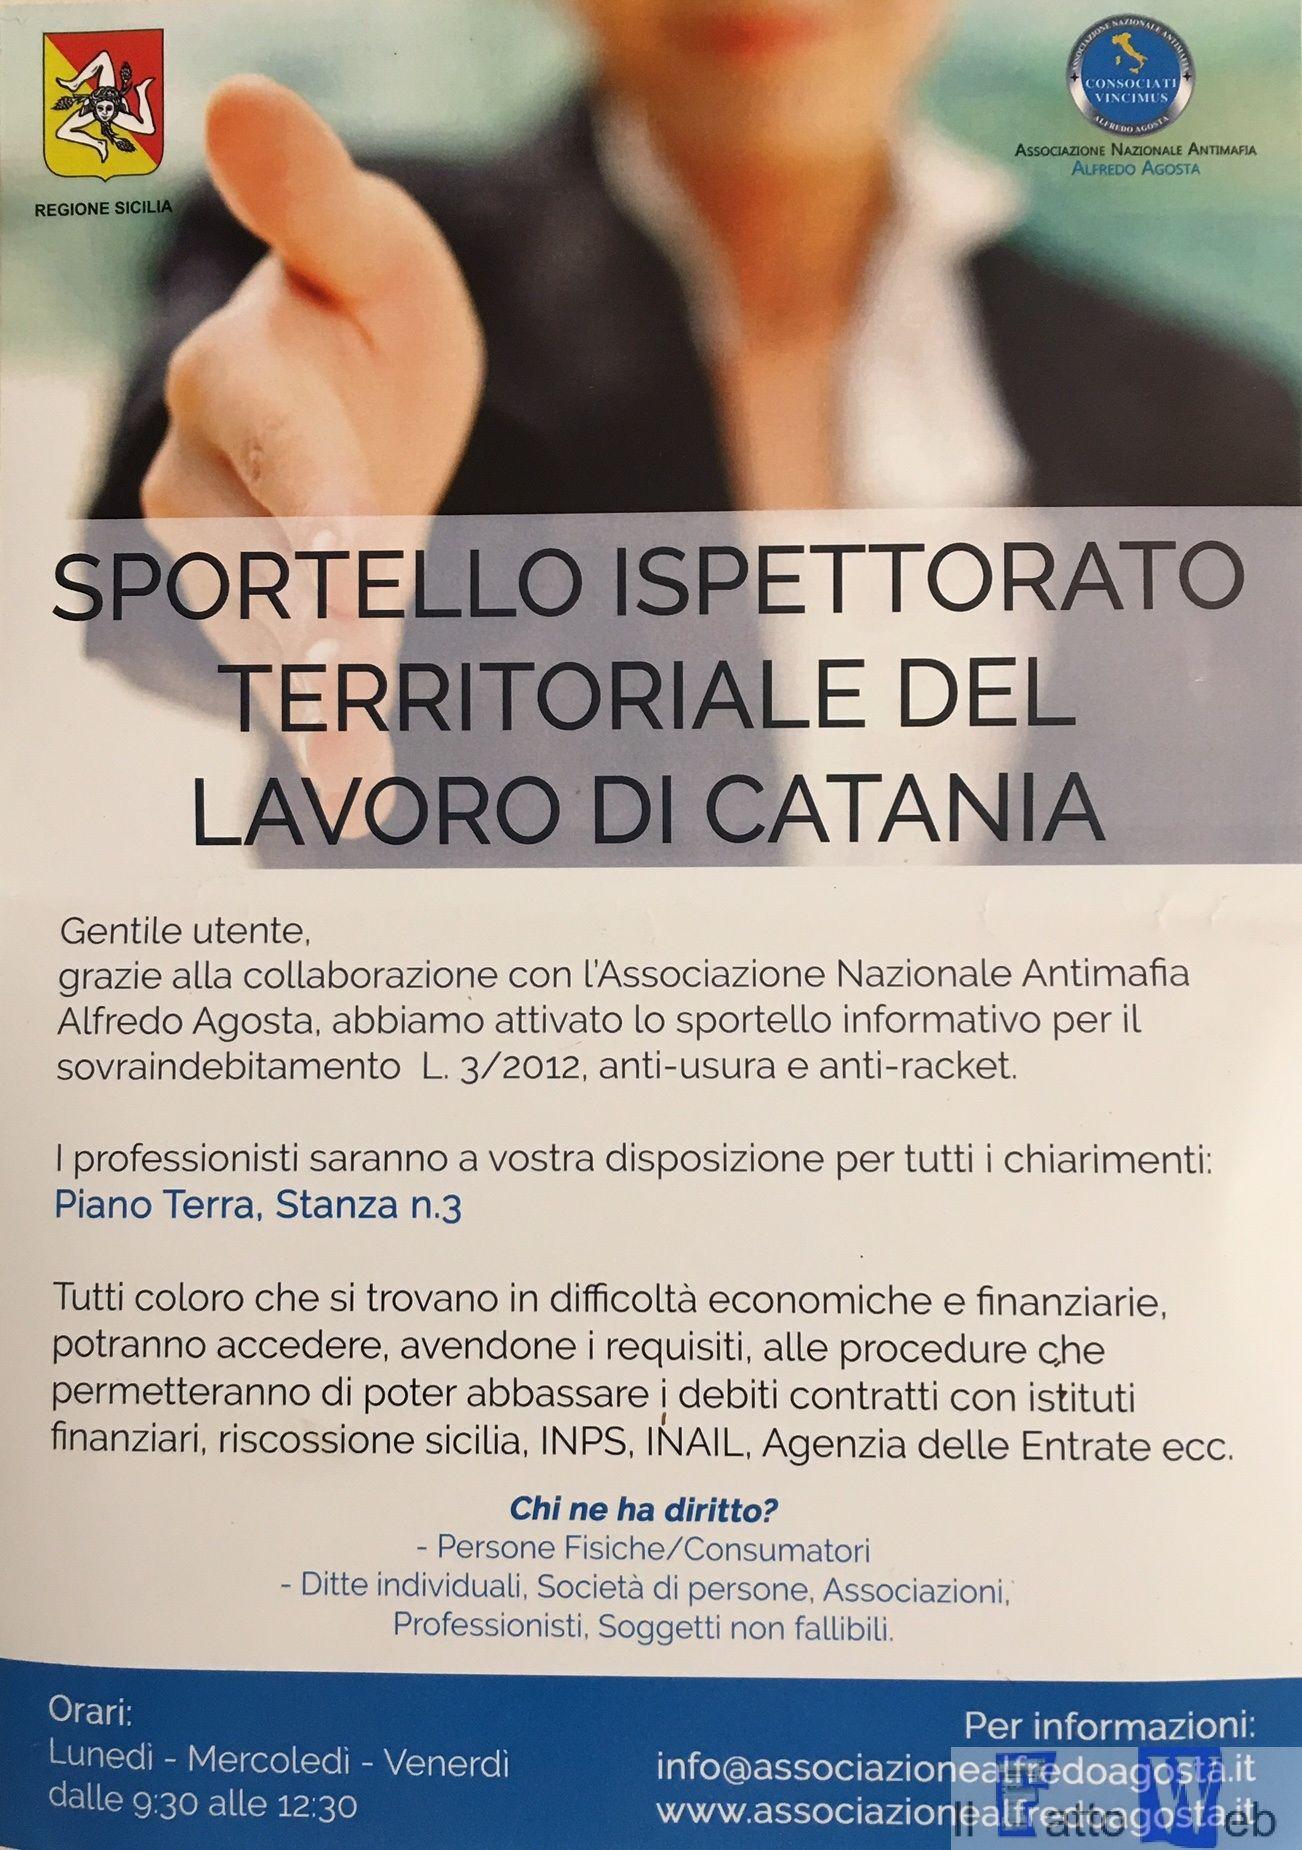 Attivo ogni venerdì lo sportello sul sovraindebitamento gestito dall'associazione Agosta presso l'ispettorato territoriale del lavoro di Catania